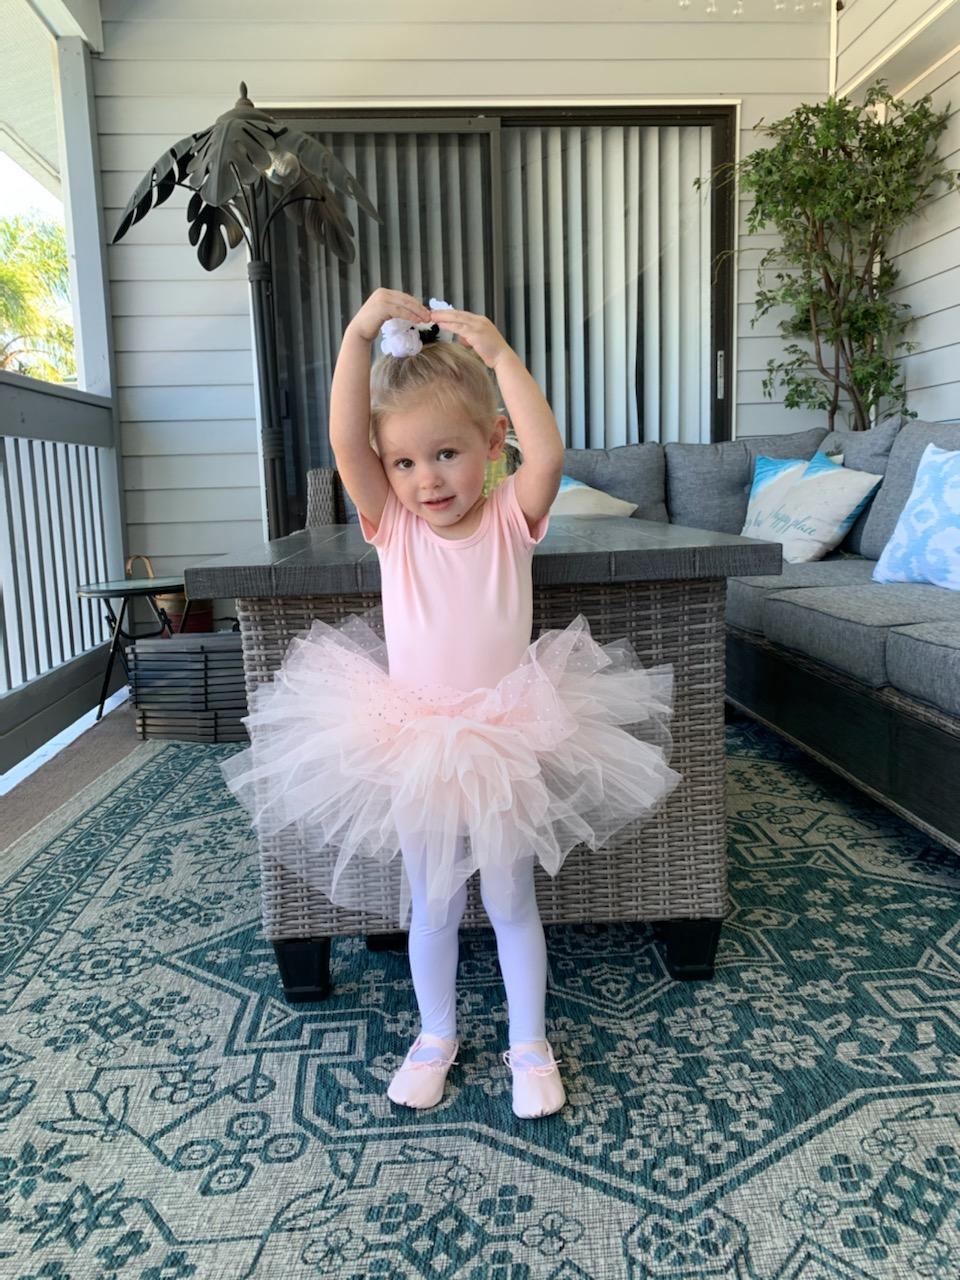 Bella Our Ballerina!